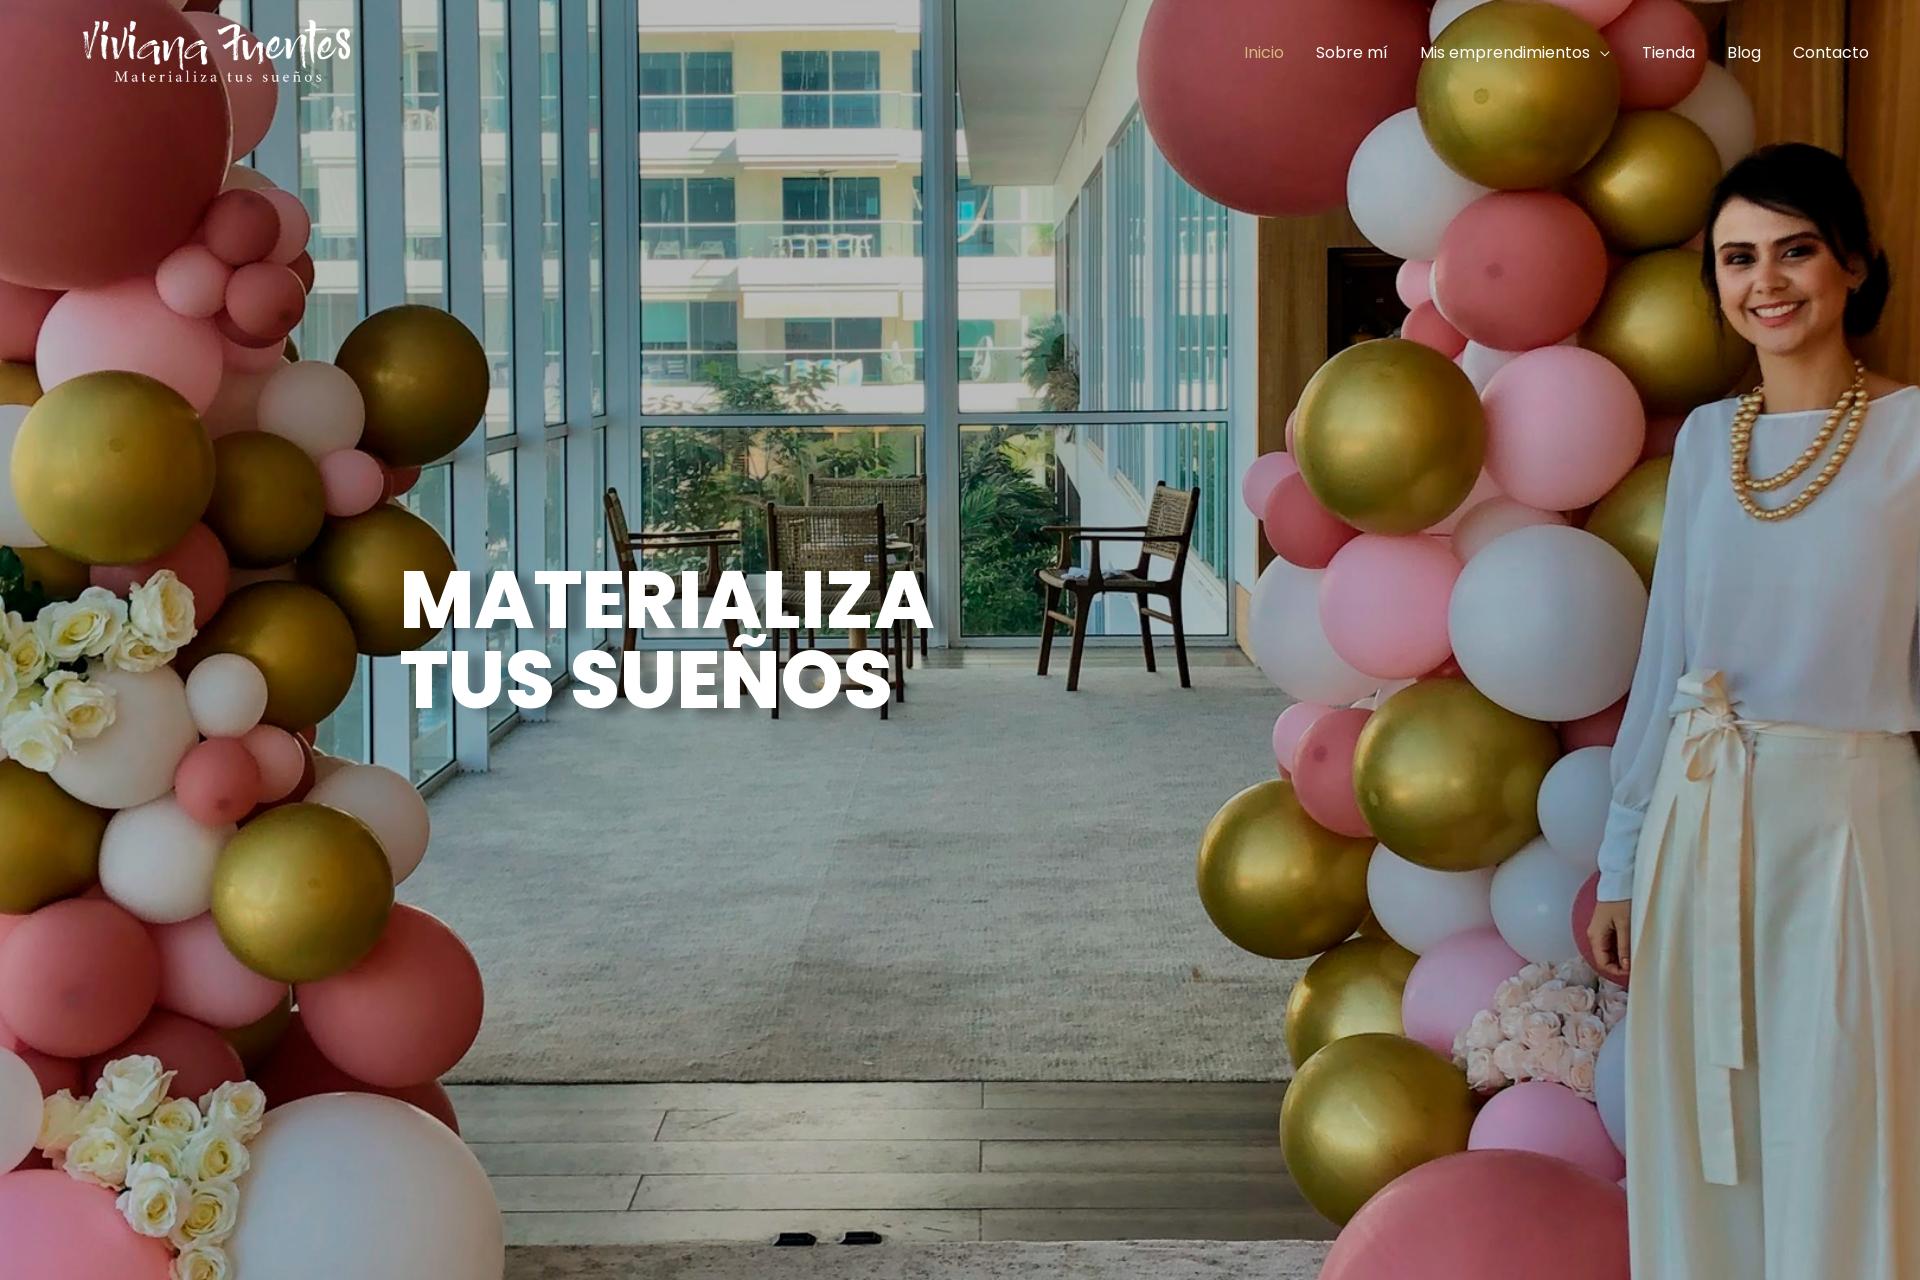 VIVIANA FUENTES – Materializa tus sueños.